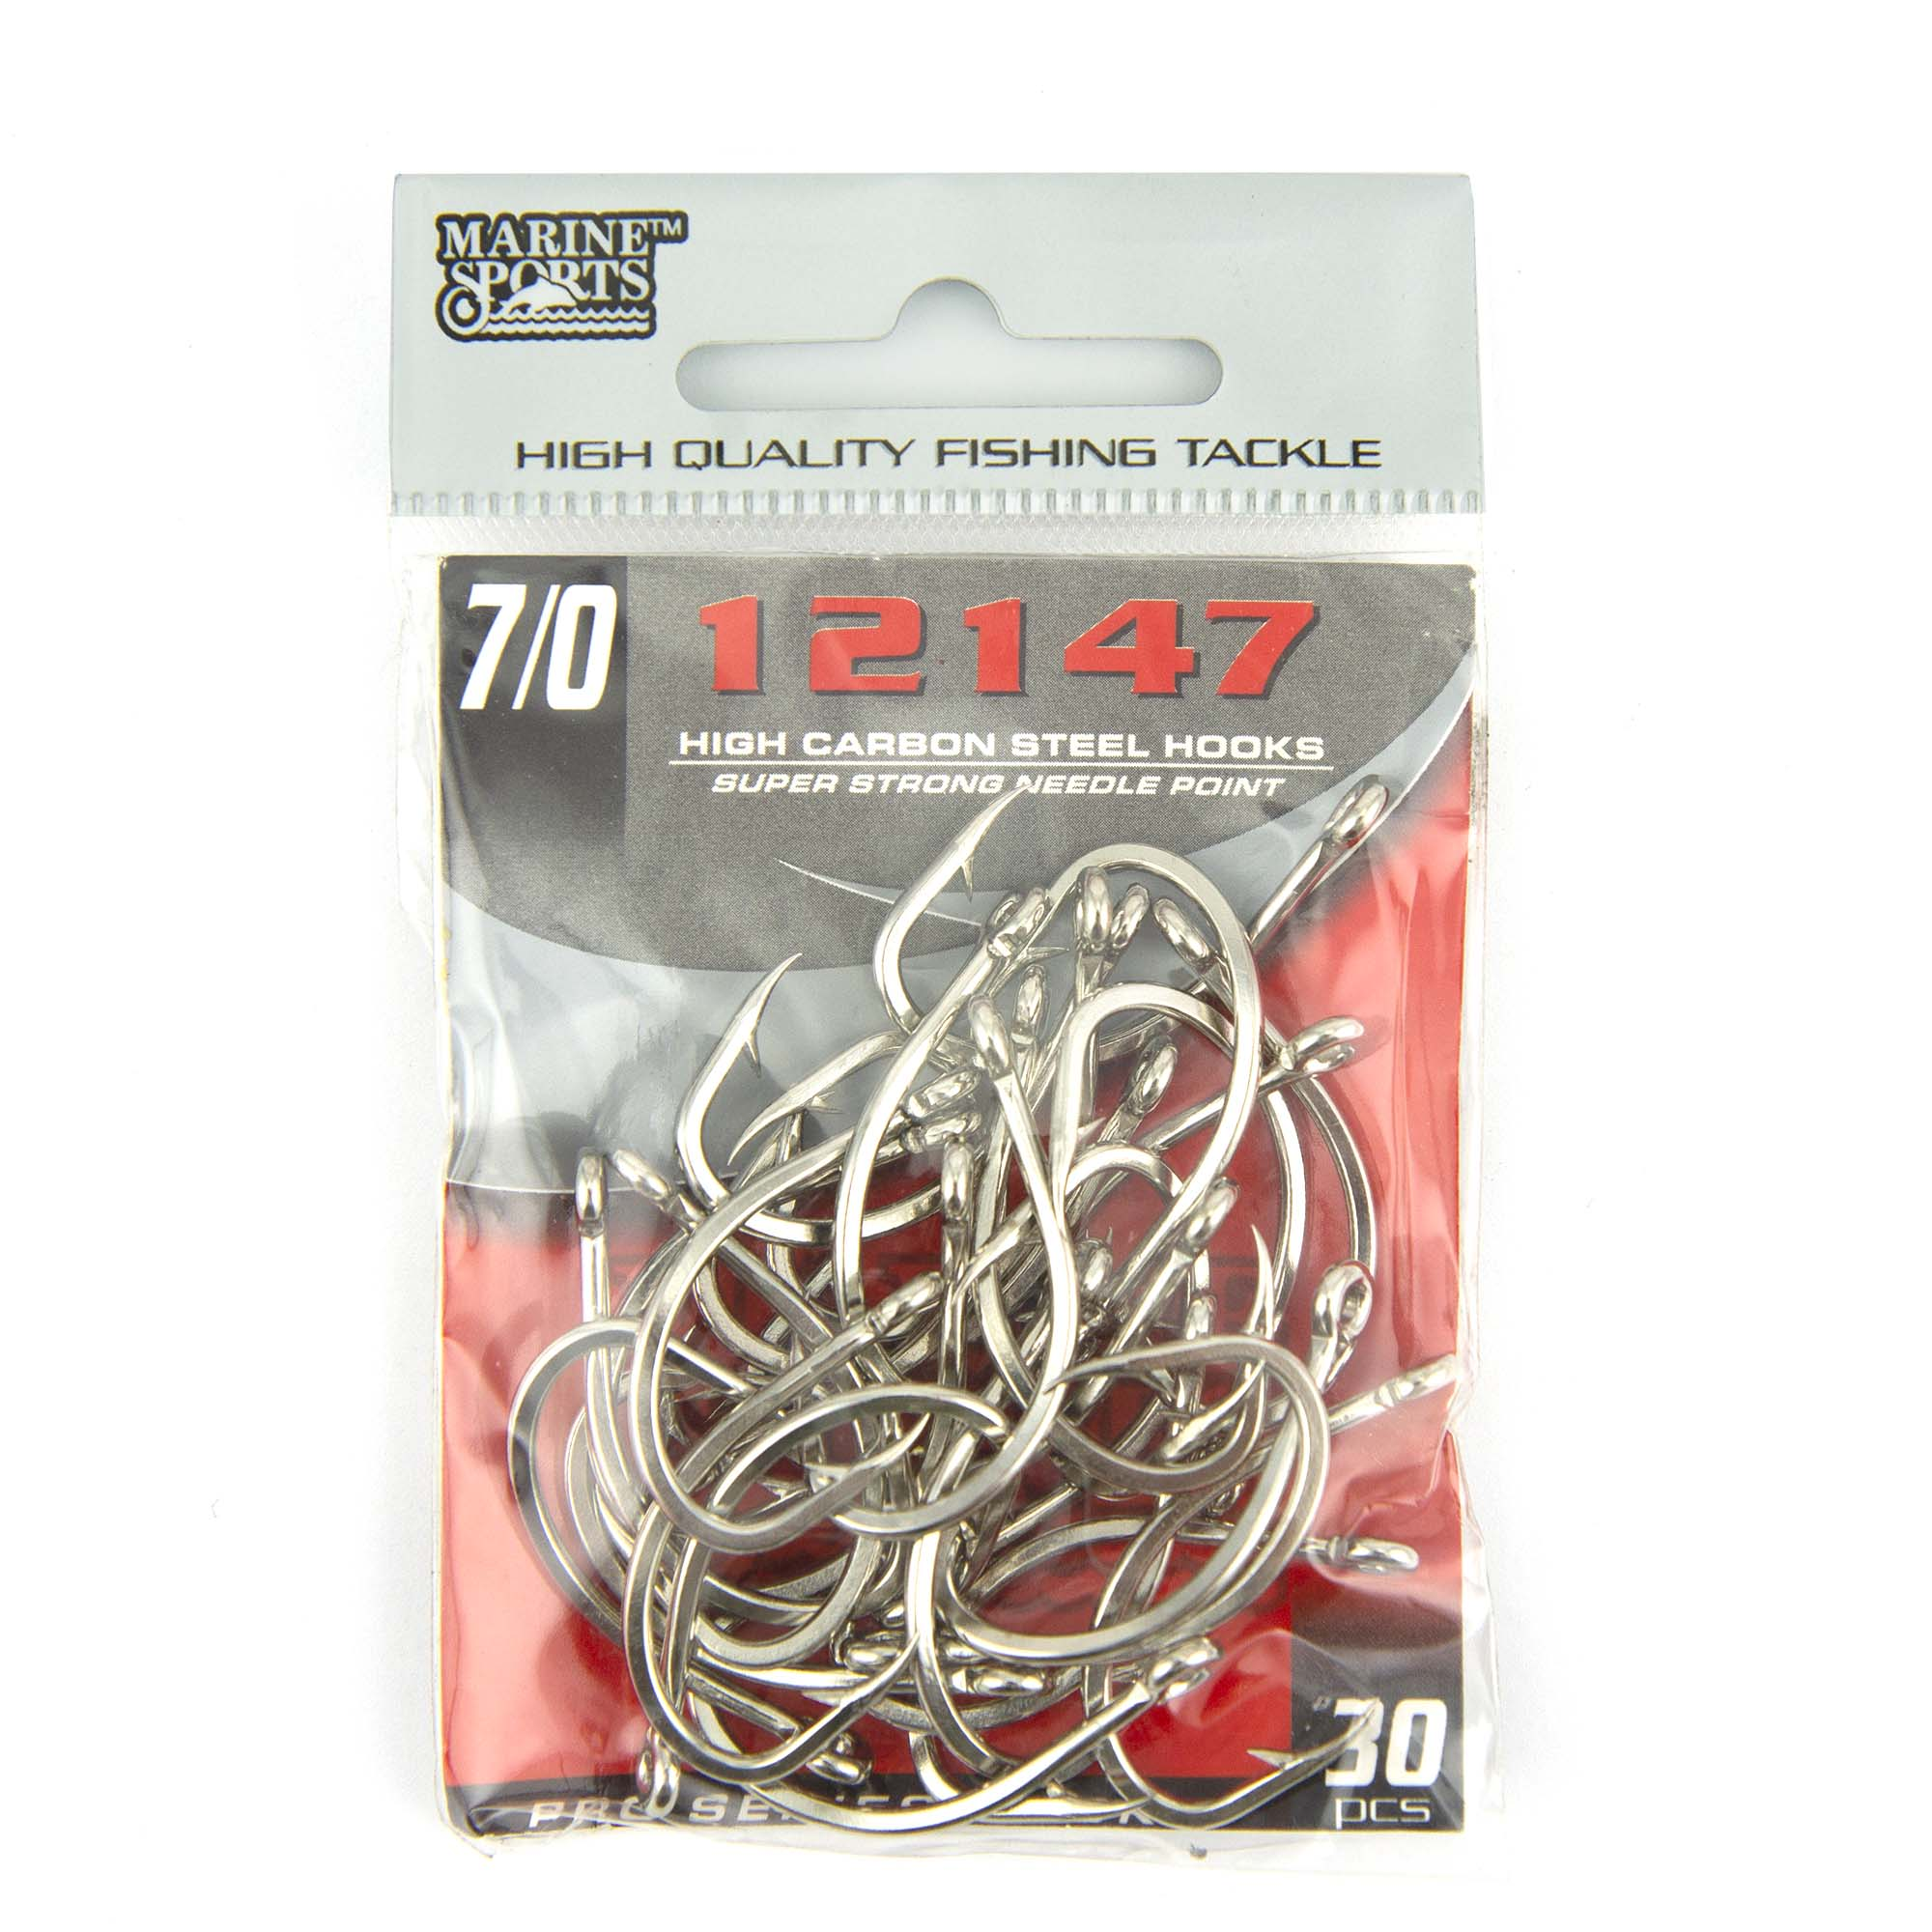 Anzol 12147 nº 7/0 - 30 unidades  - Artpesca